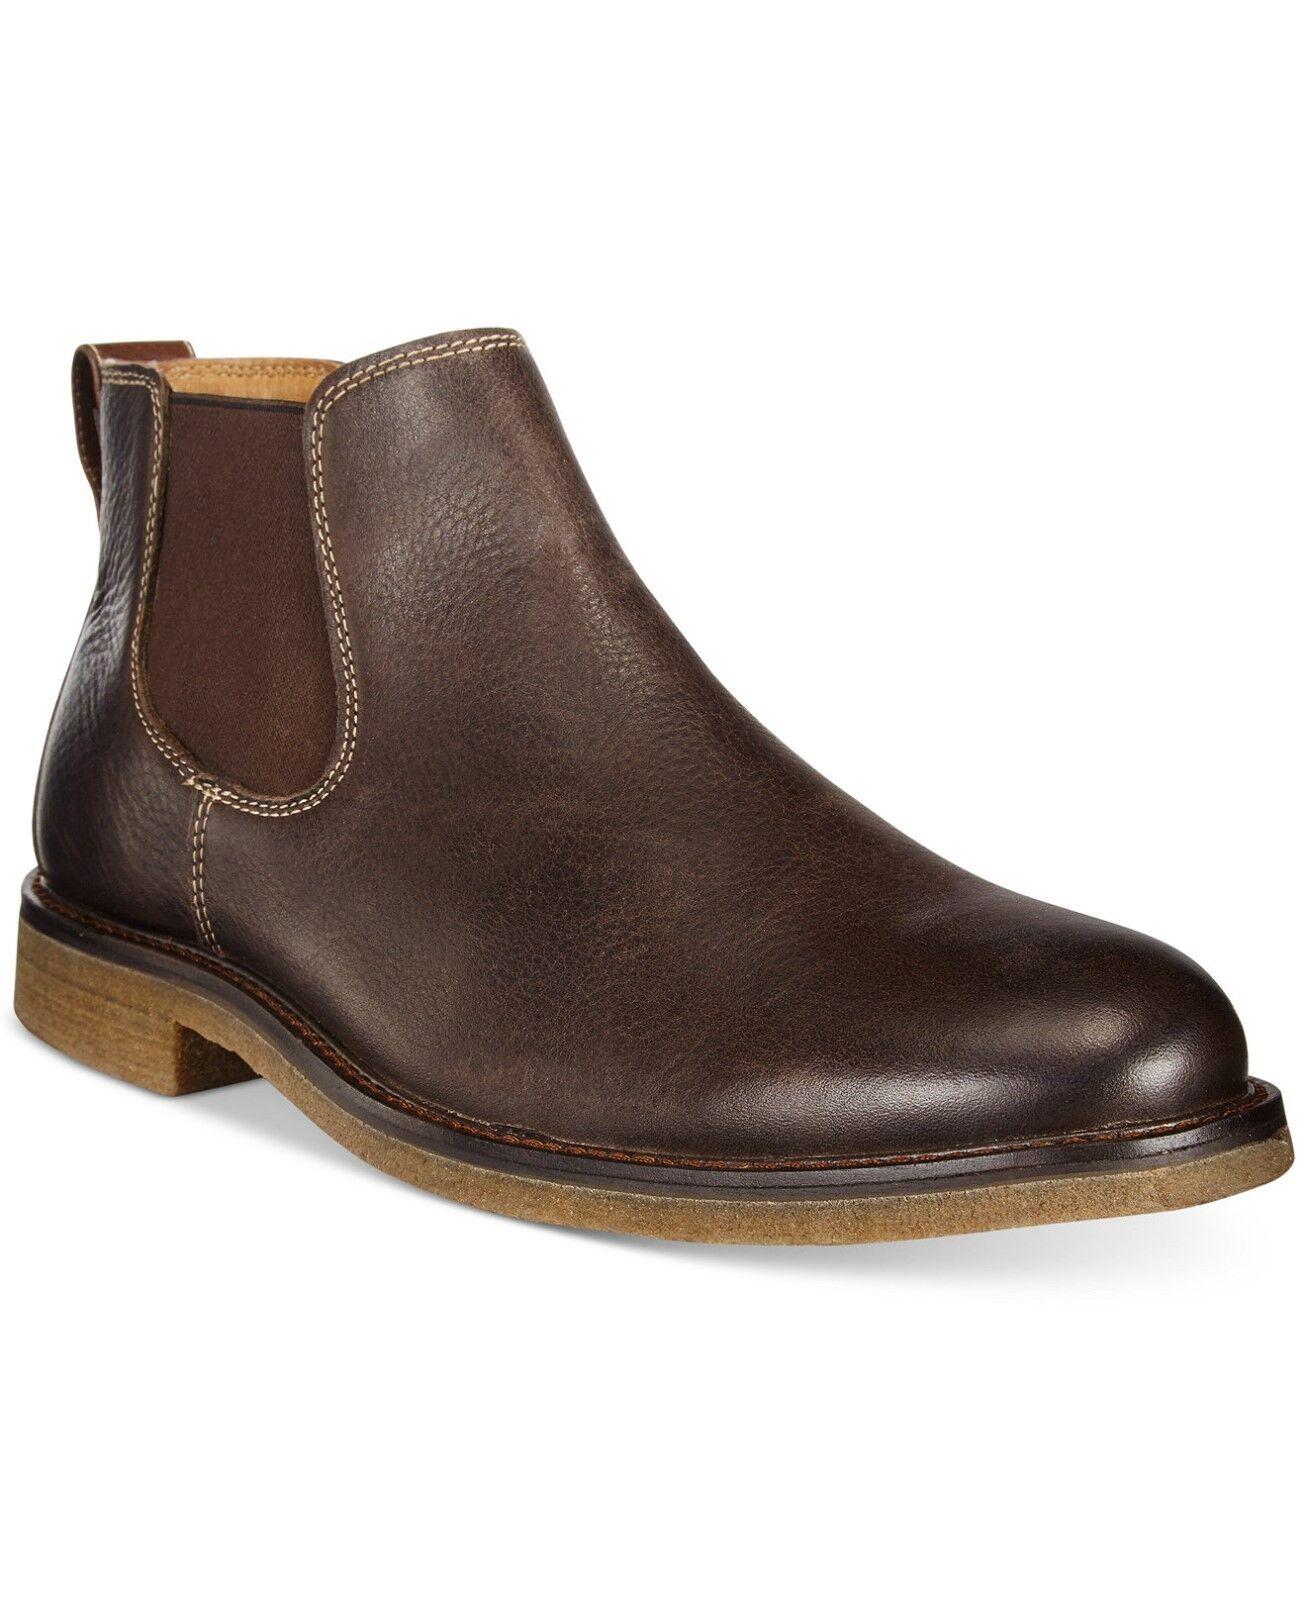 Johnston Murphy para hombre Copeland Chelsea botas De Cuero Marrón Oscuro 9.5 Nuevo